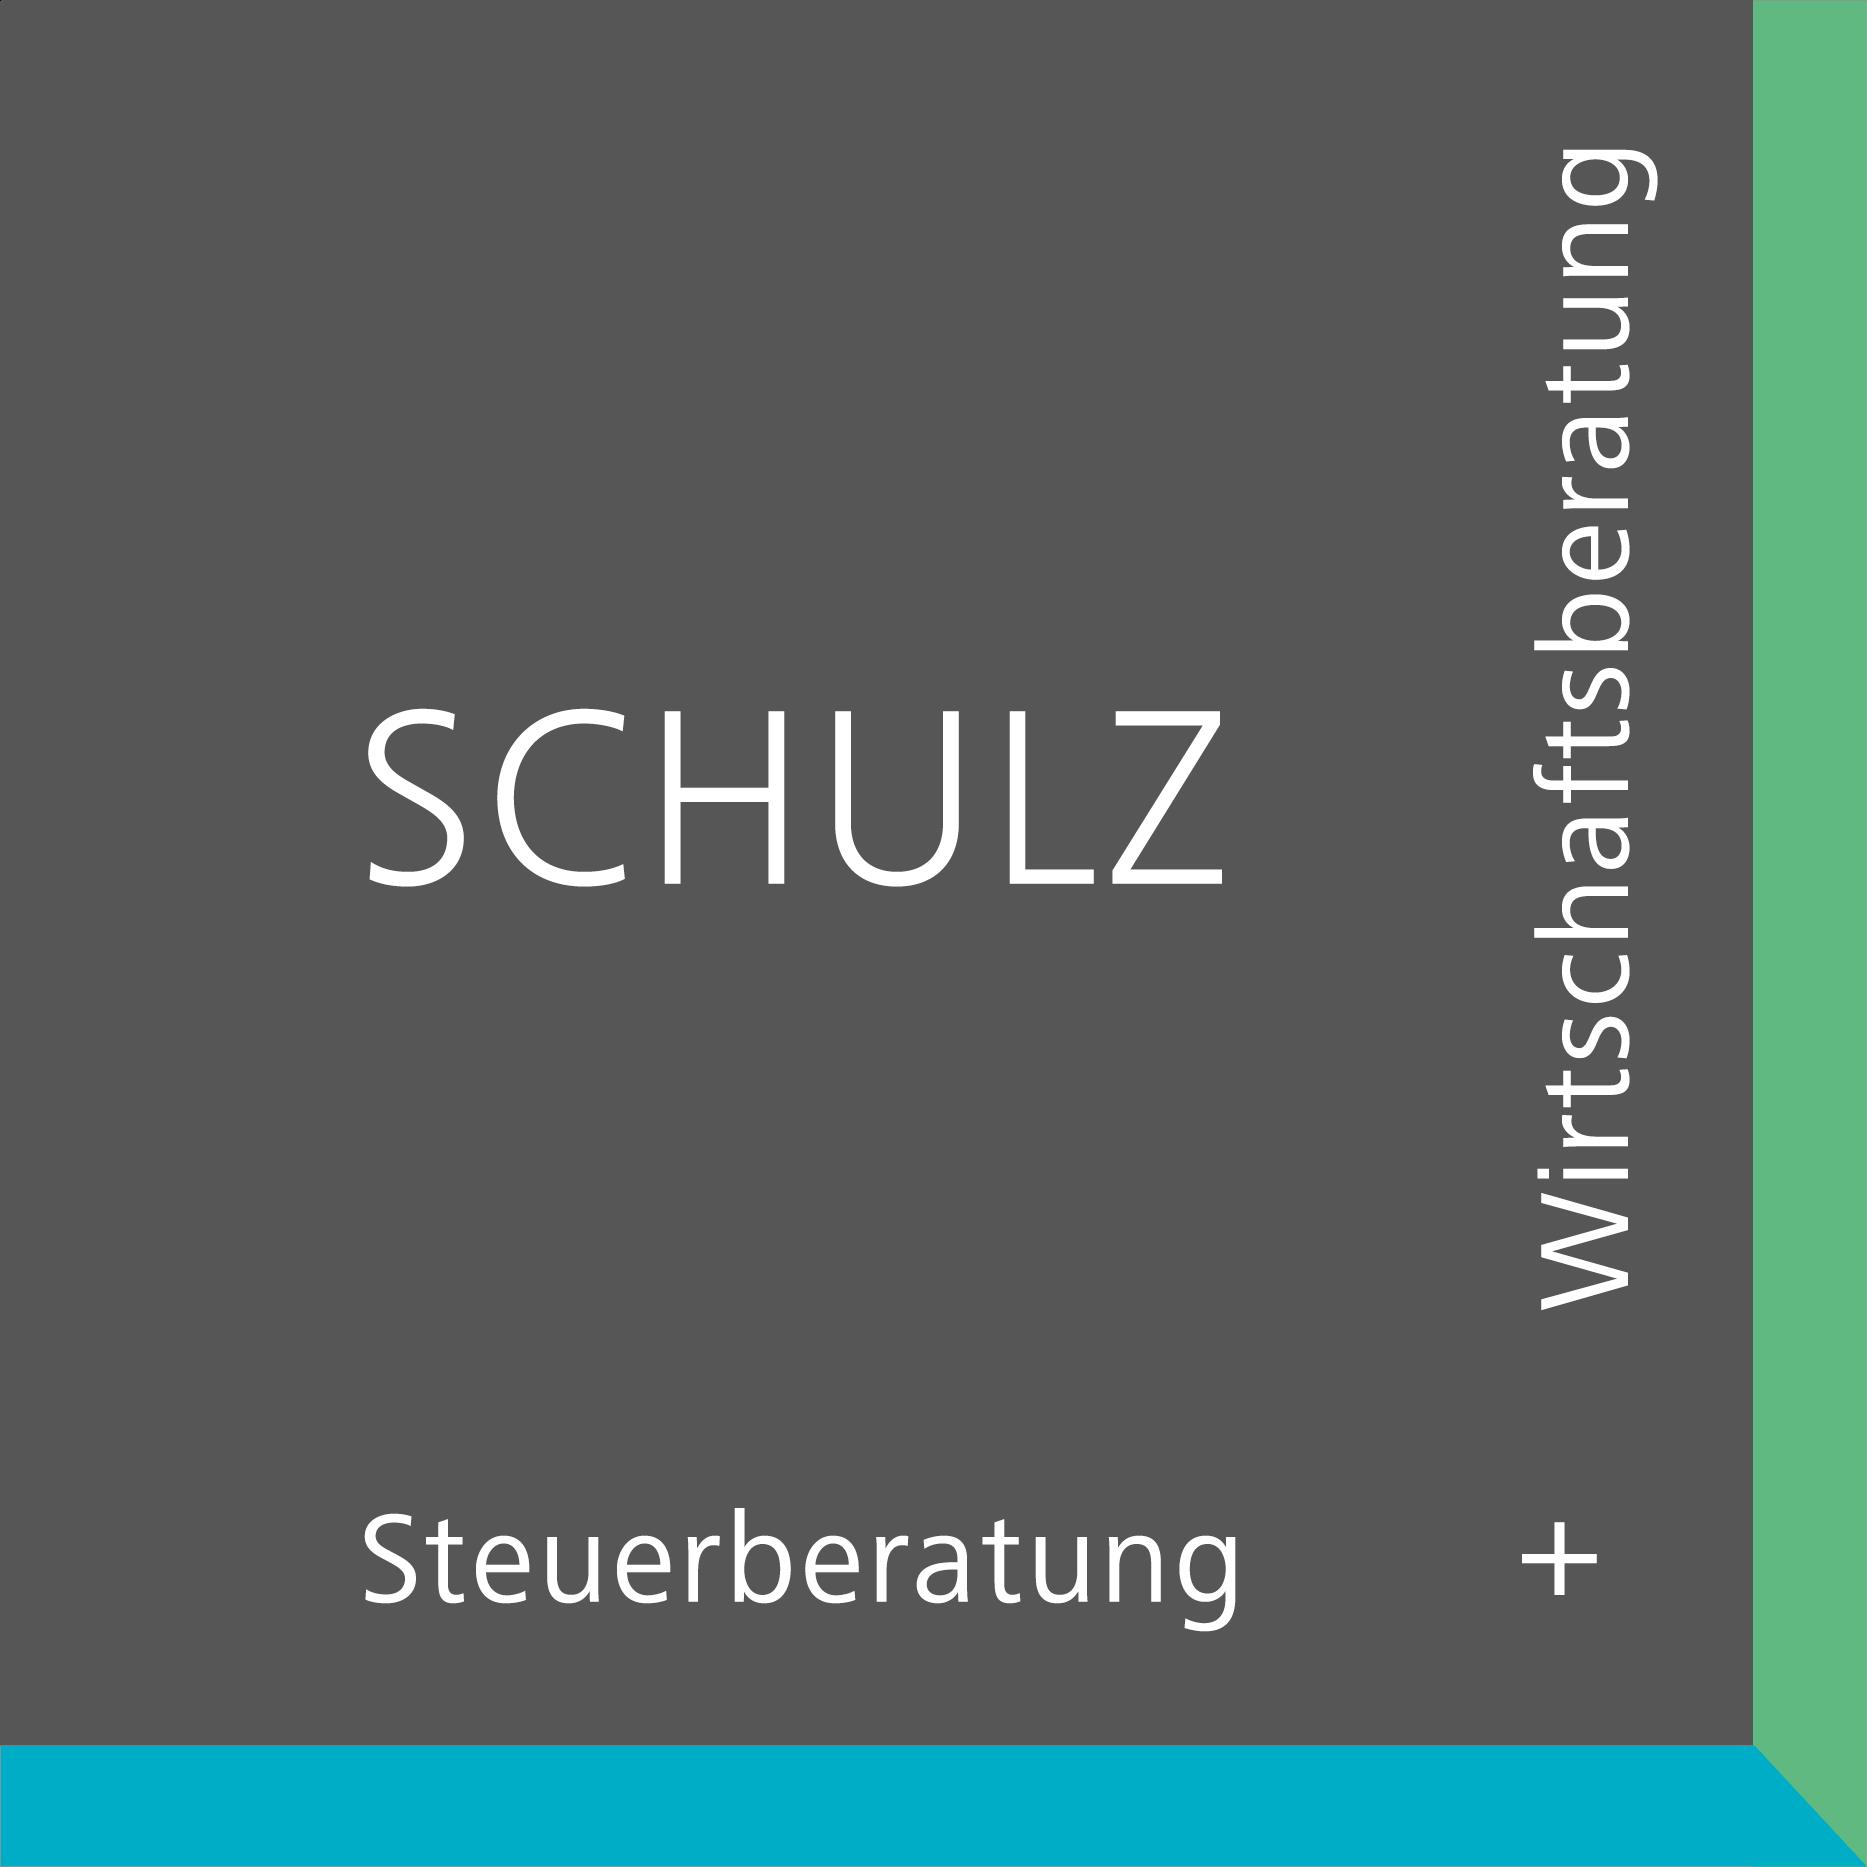 Logo Praxis- & Wirtschaftsberatung Schulz